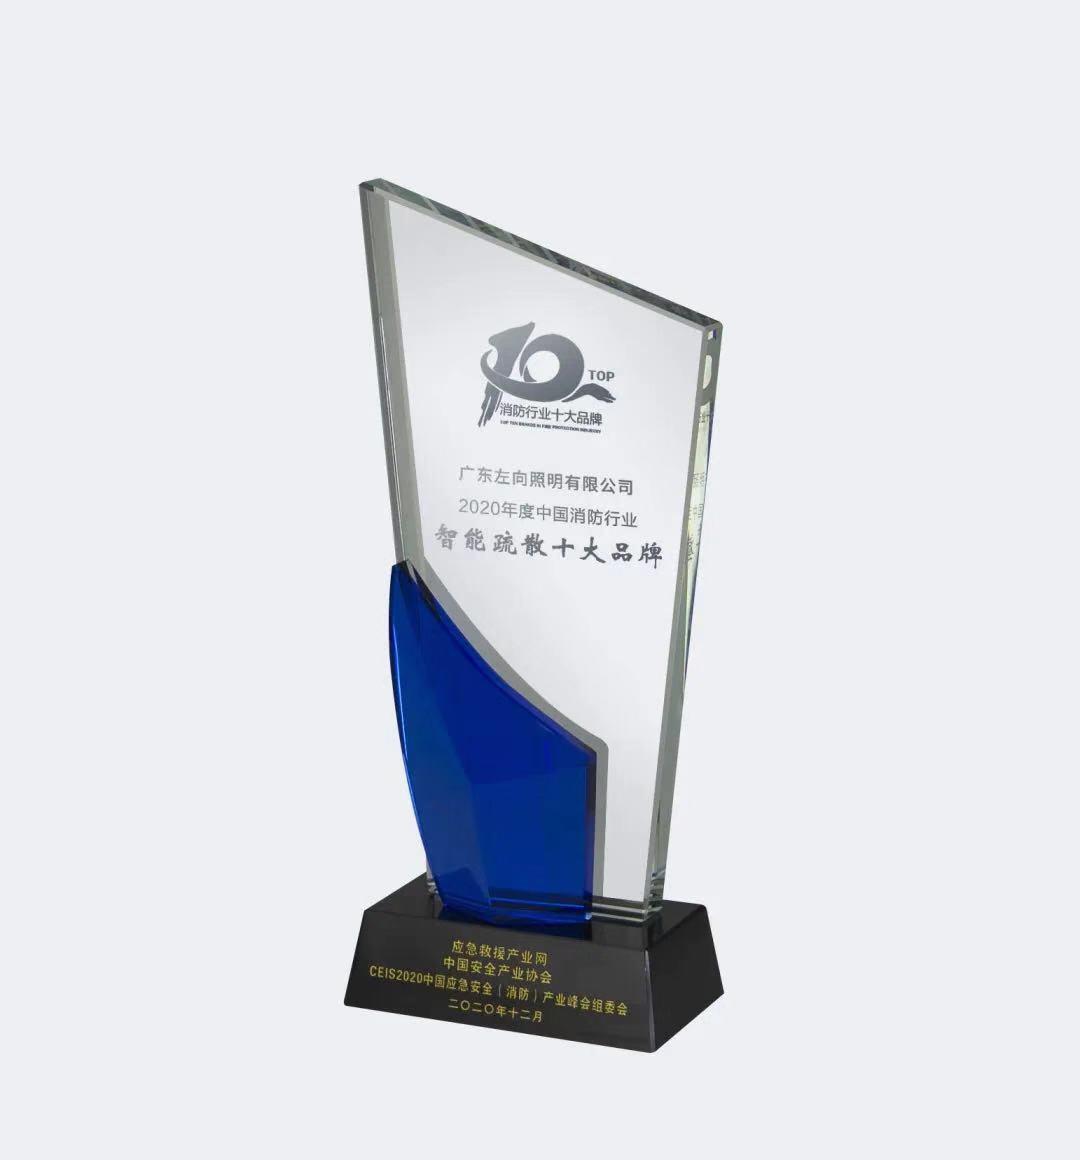 不忘初心,砥砺前行!恭贺我司荣获2020年度中国消防行业大奖!